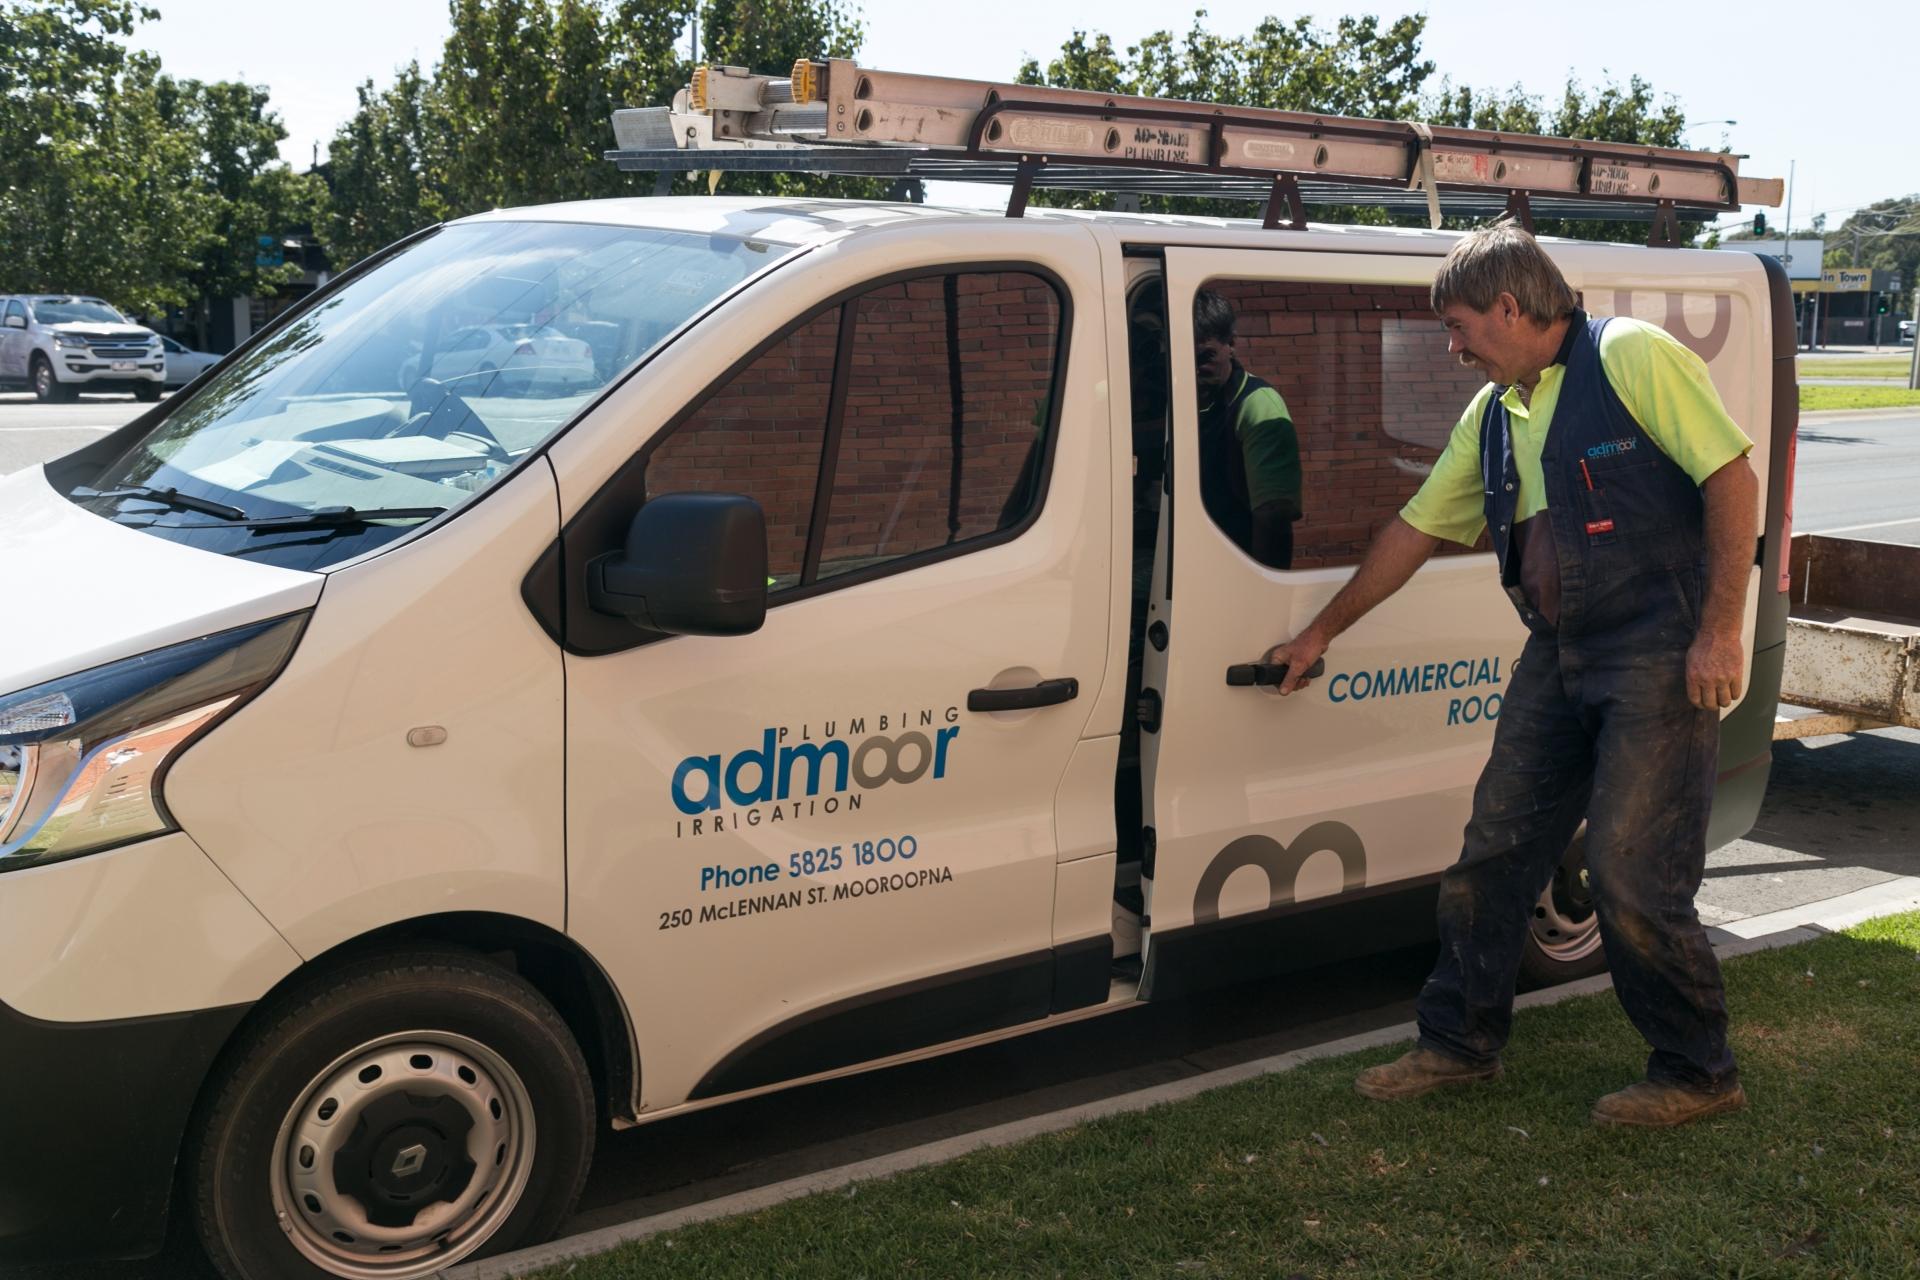 About Us Admoor Plumbing